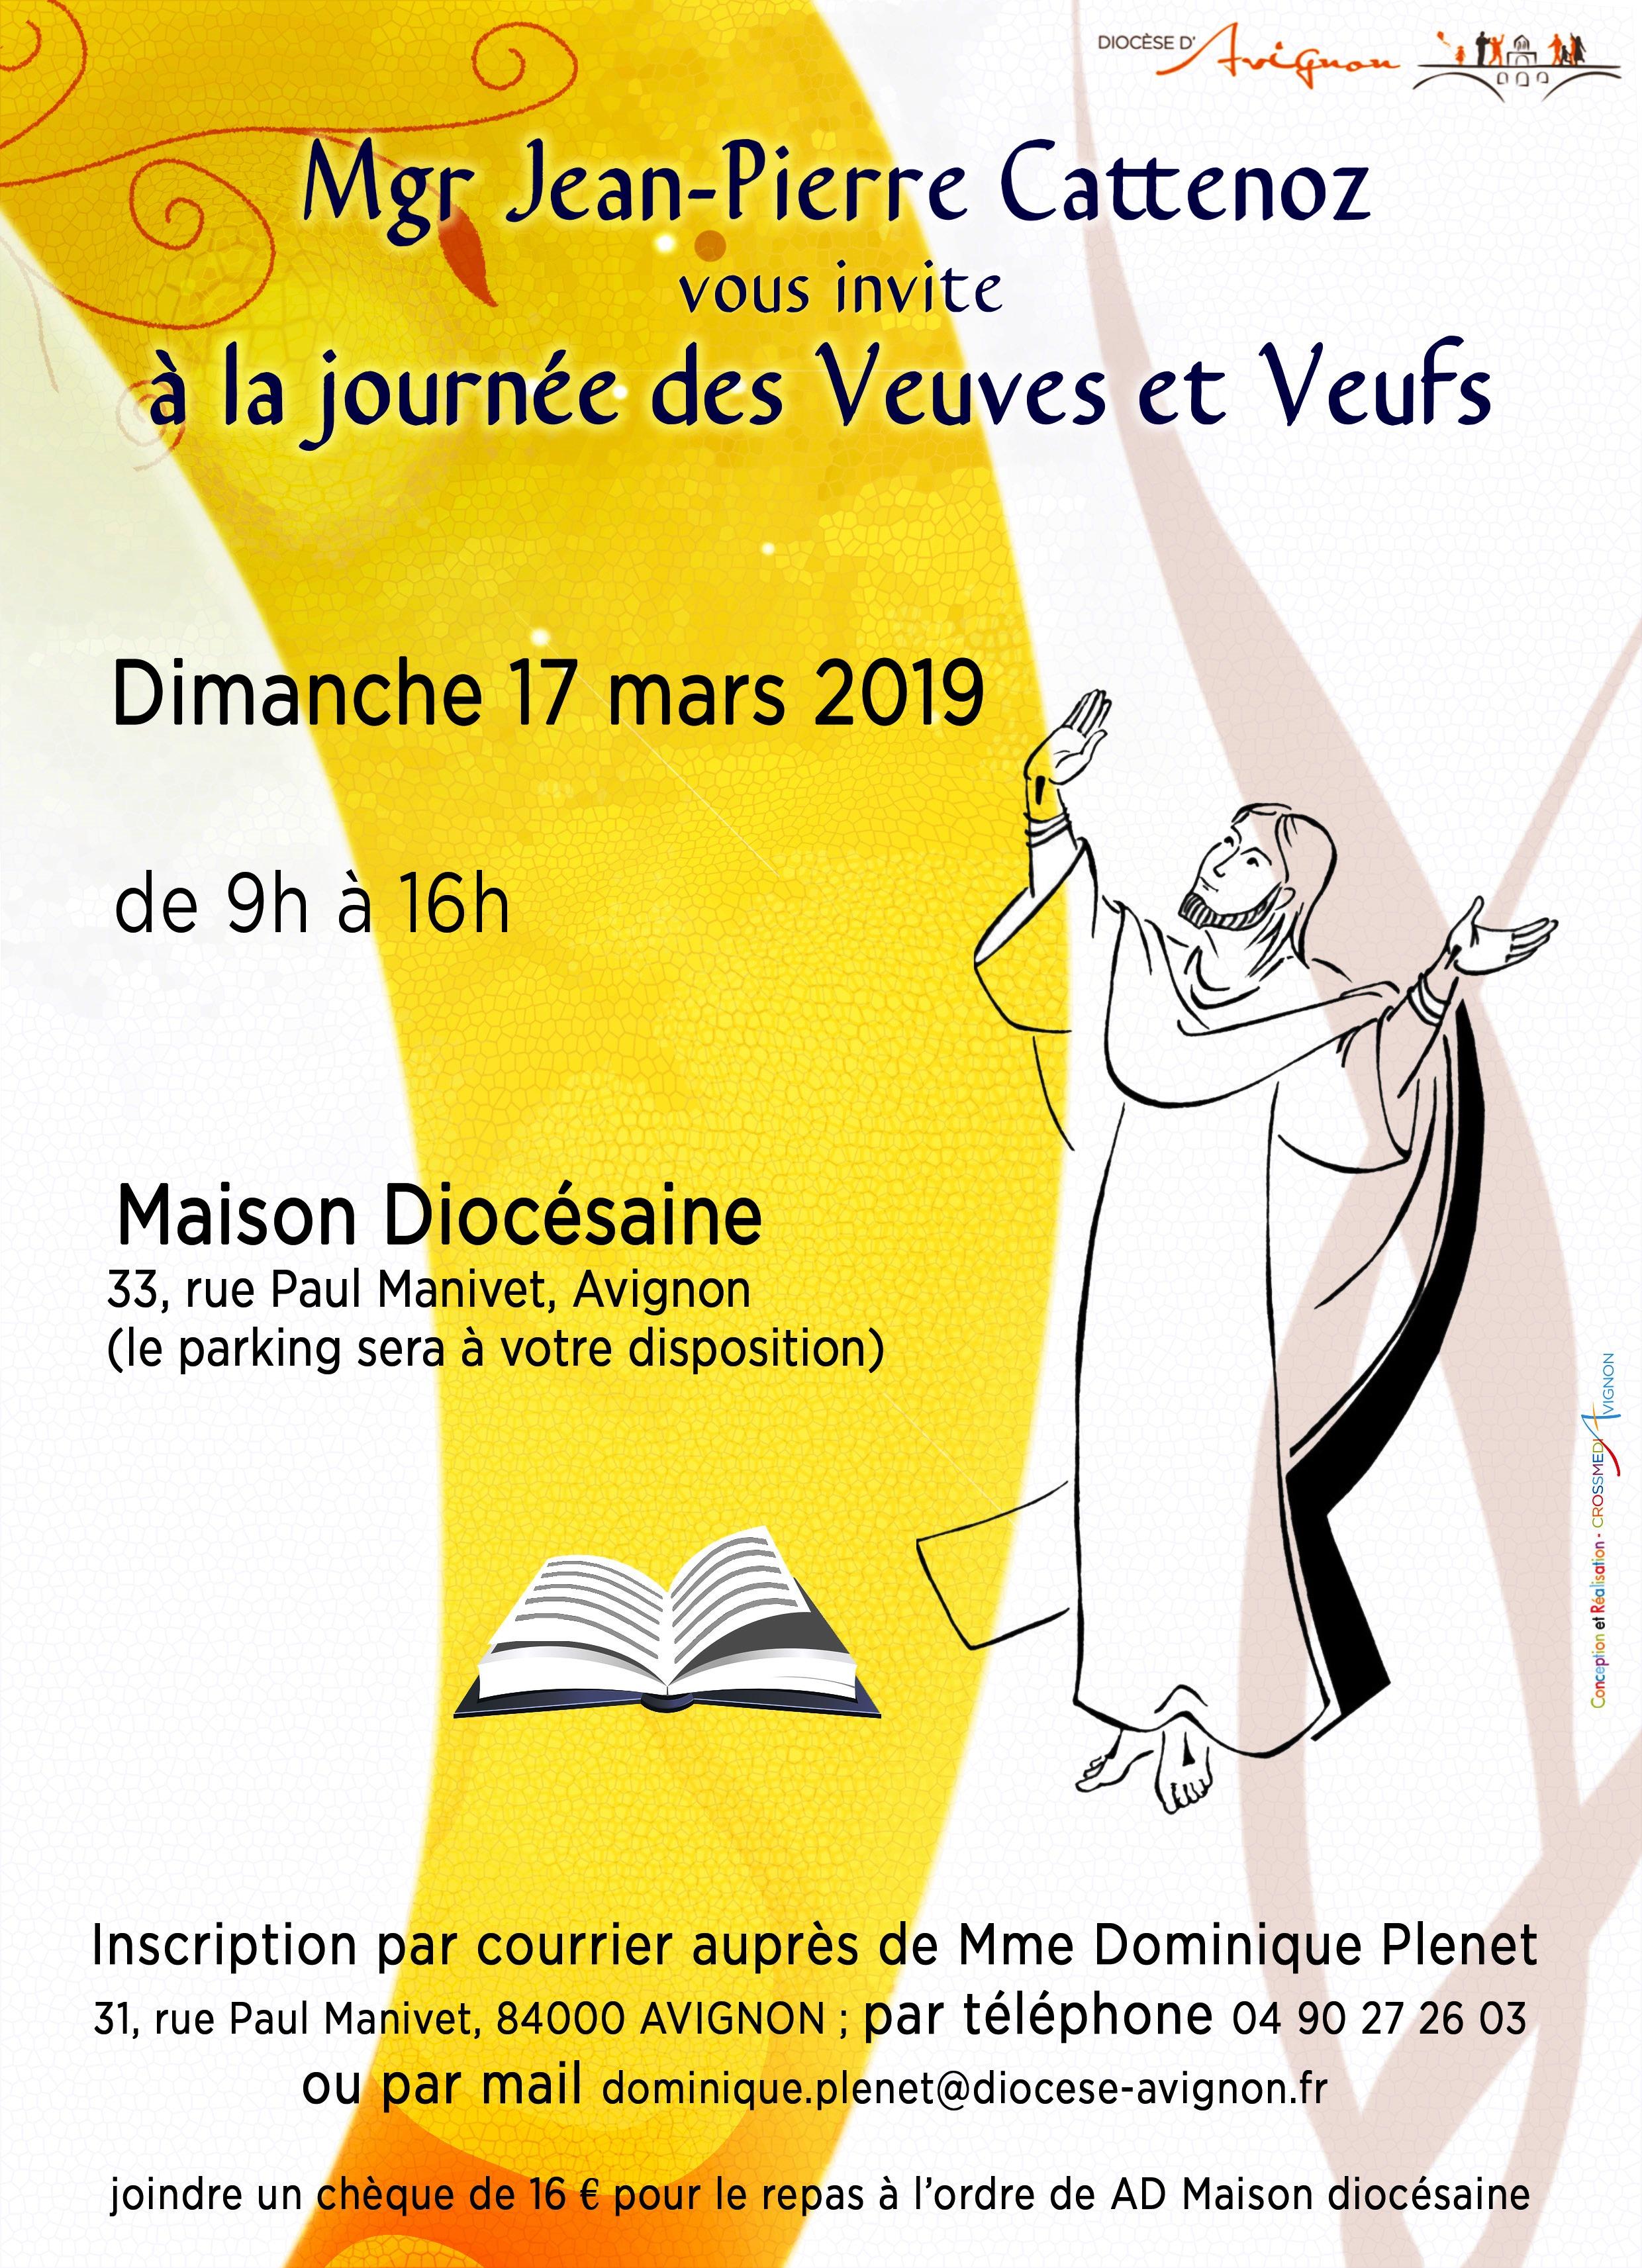 Journée des veuves et des veufs le 17 mars 2019 à Avignon (84)